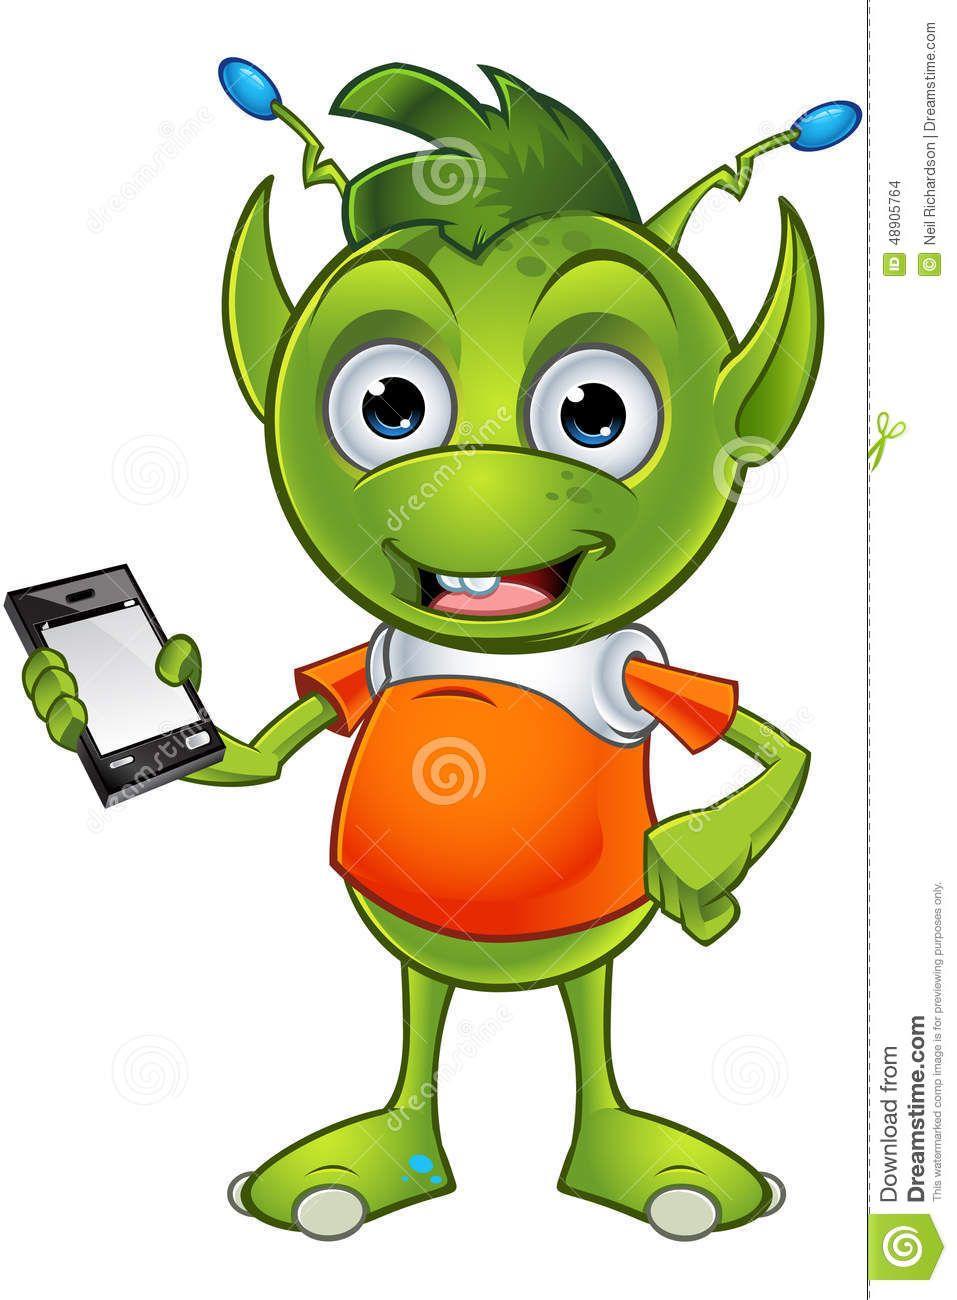 little green alien cartoon characters google search 2016 rh pinterest com green alien cartoon toy story green alien cartoon movie